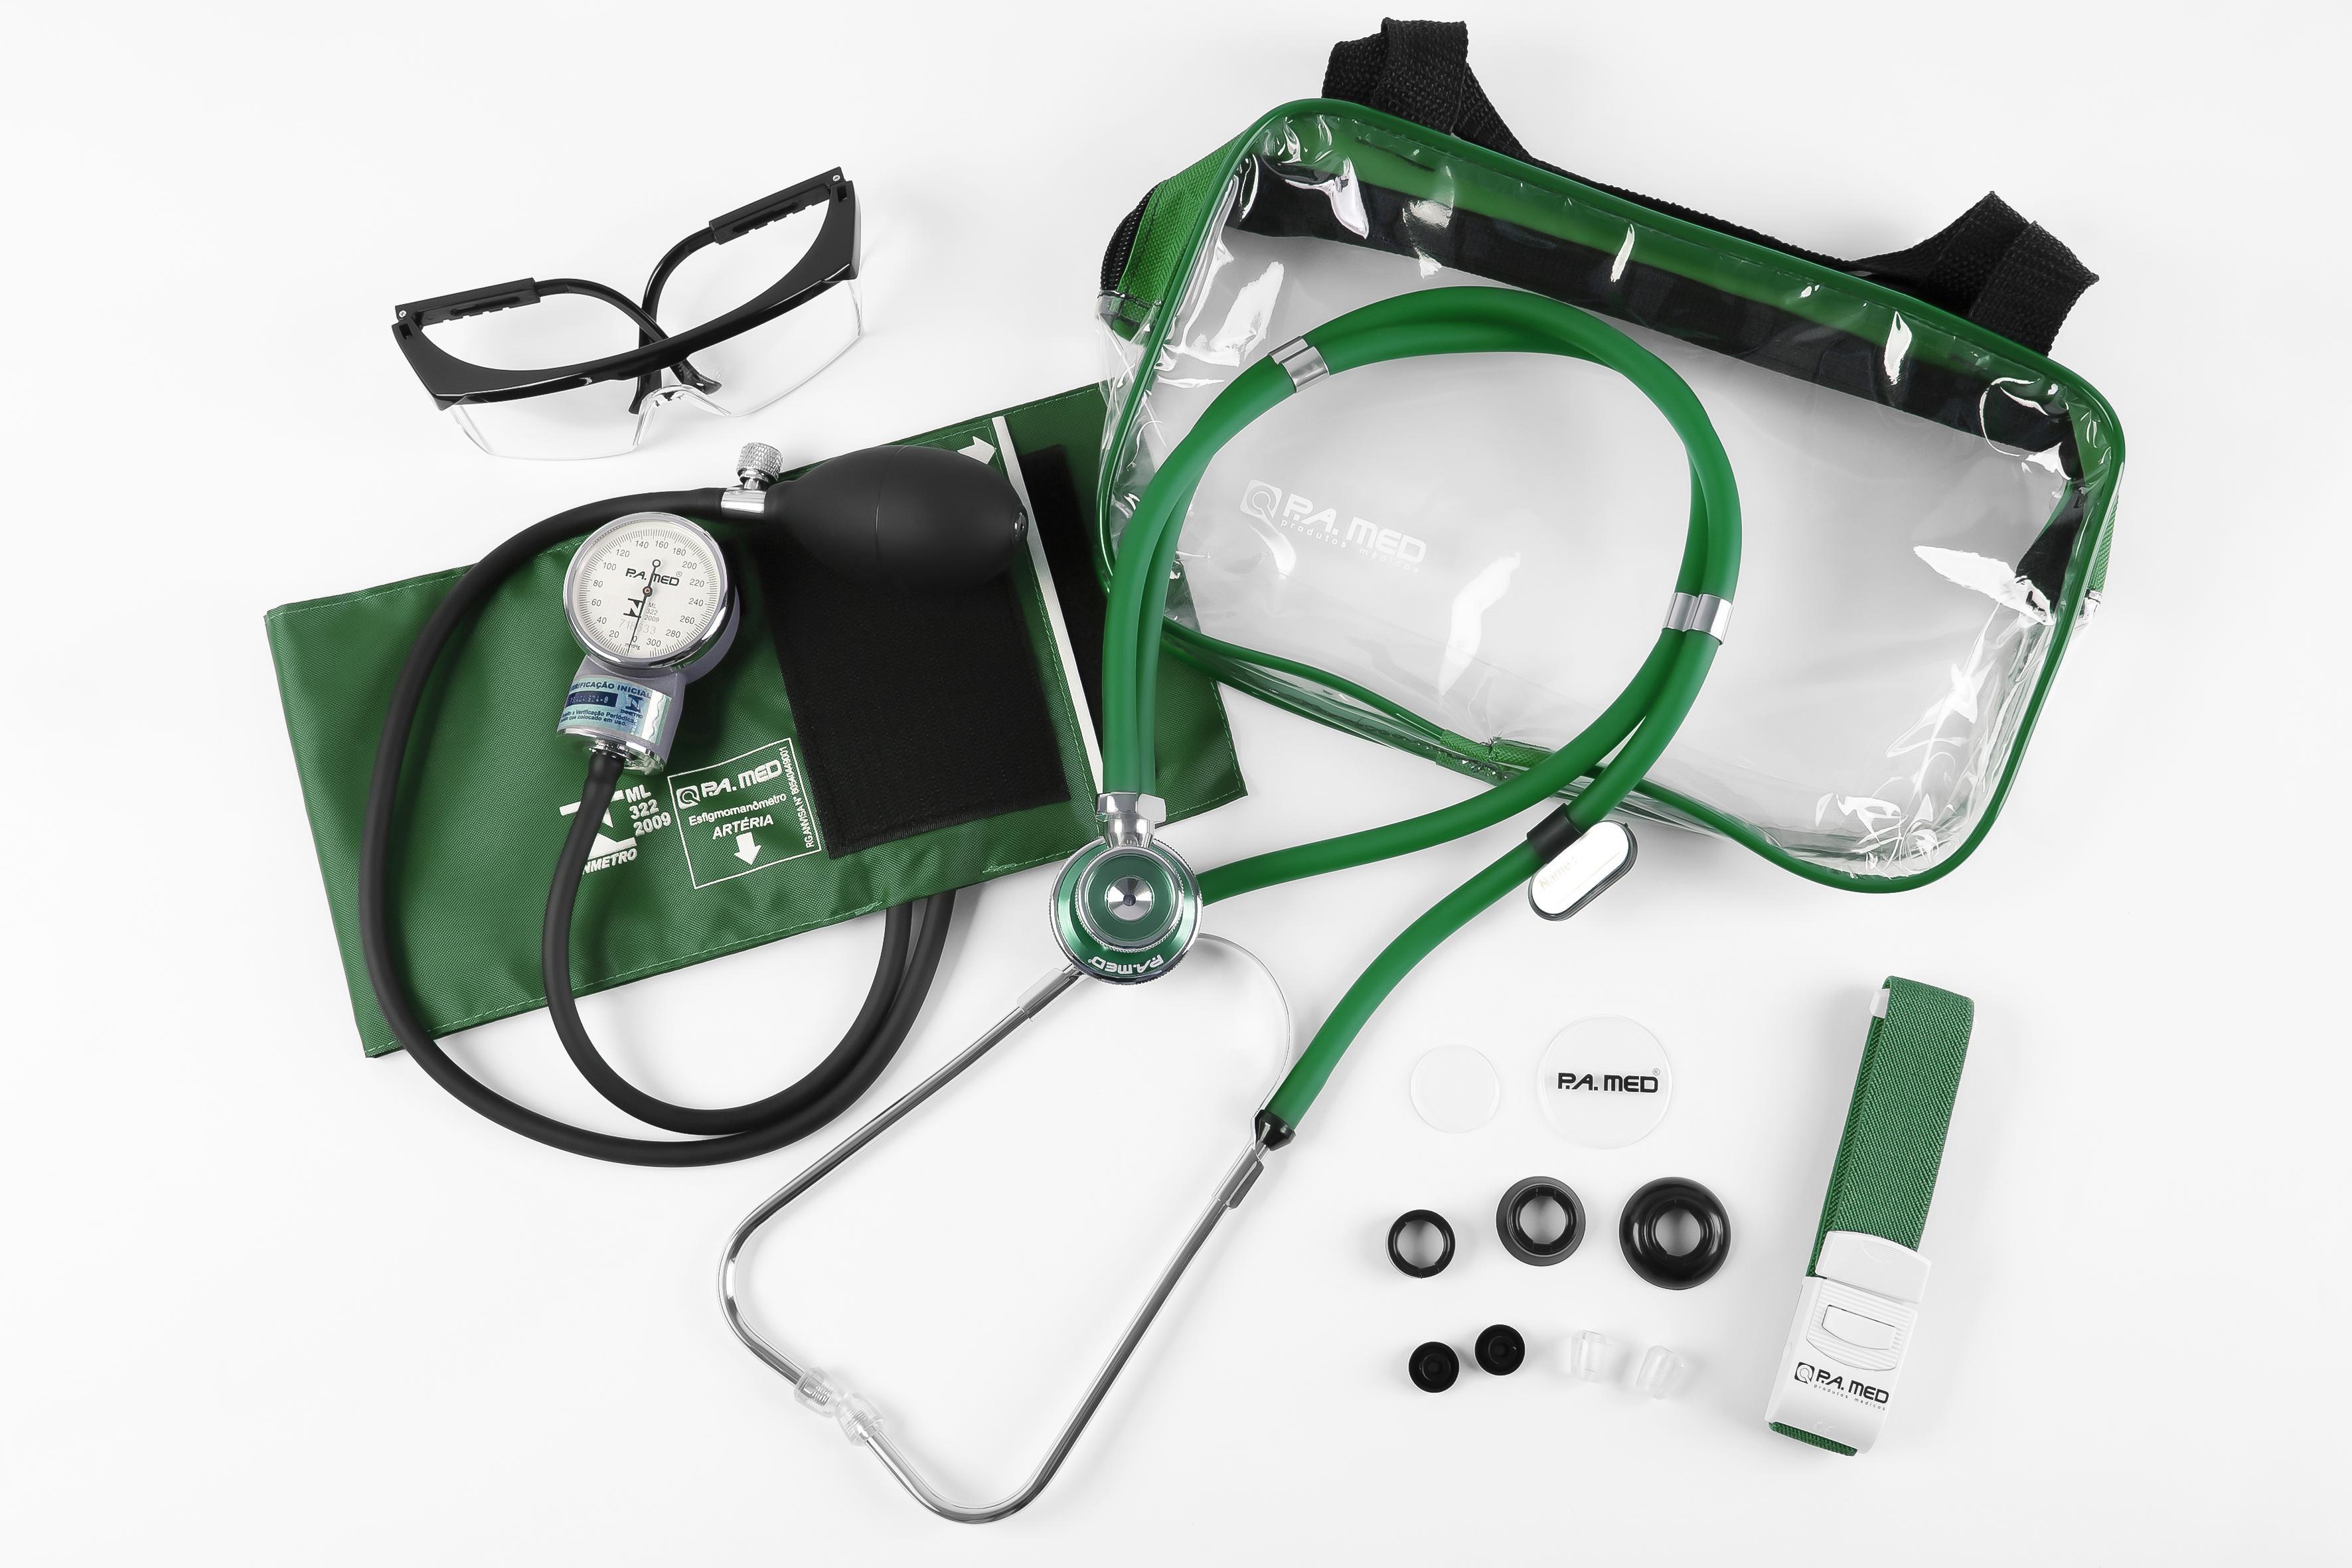 Kit Acadêmico com Bolsa Transparente verde (Ap. Pressão Art. Adulto Nylon Fecho de Contato + Estetoscópio Rappaport – P.A. MED